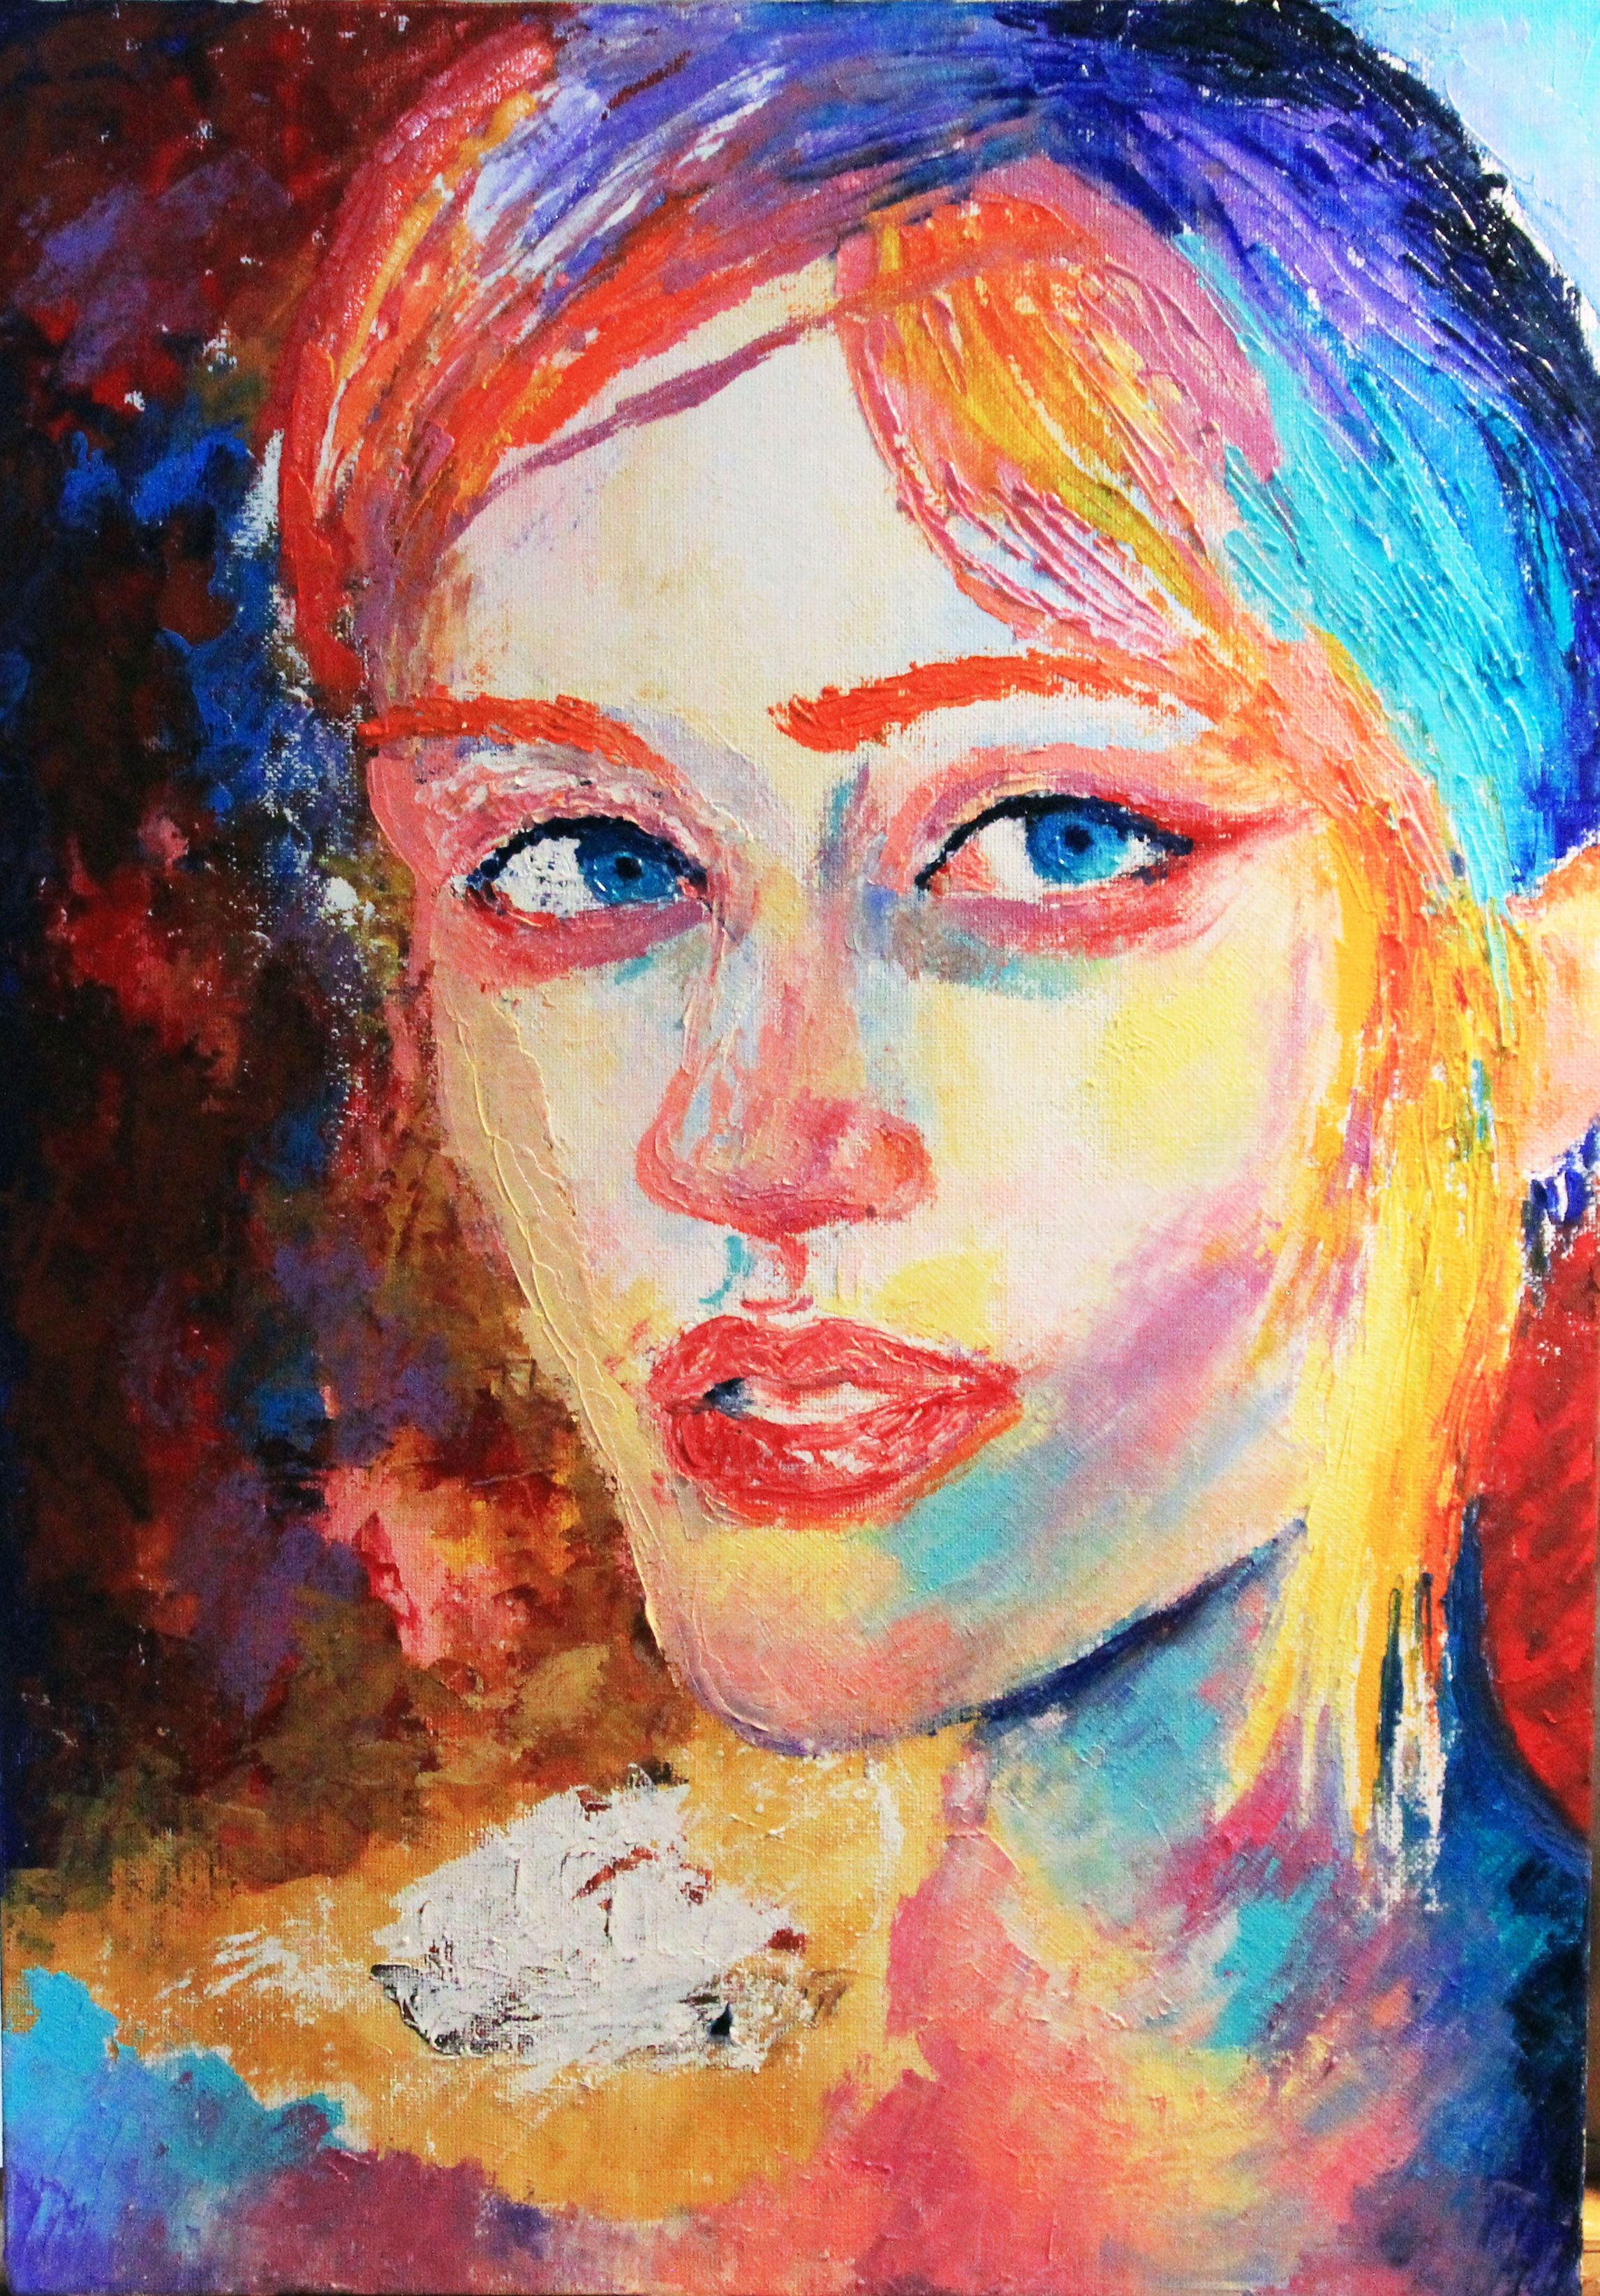 люди абстракция девушка холст живопись портрет мастихин масло